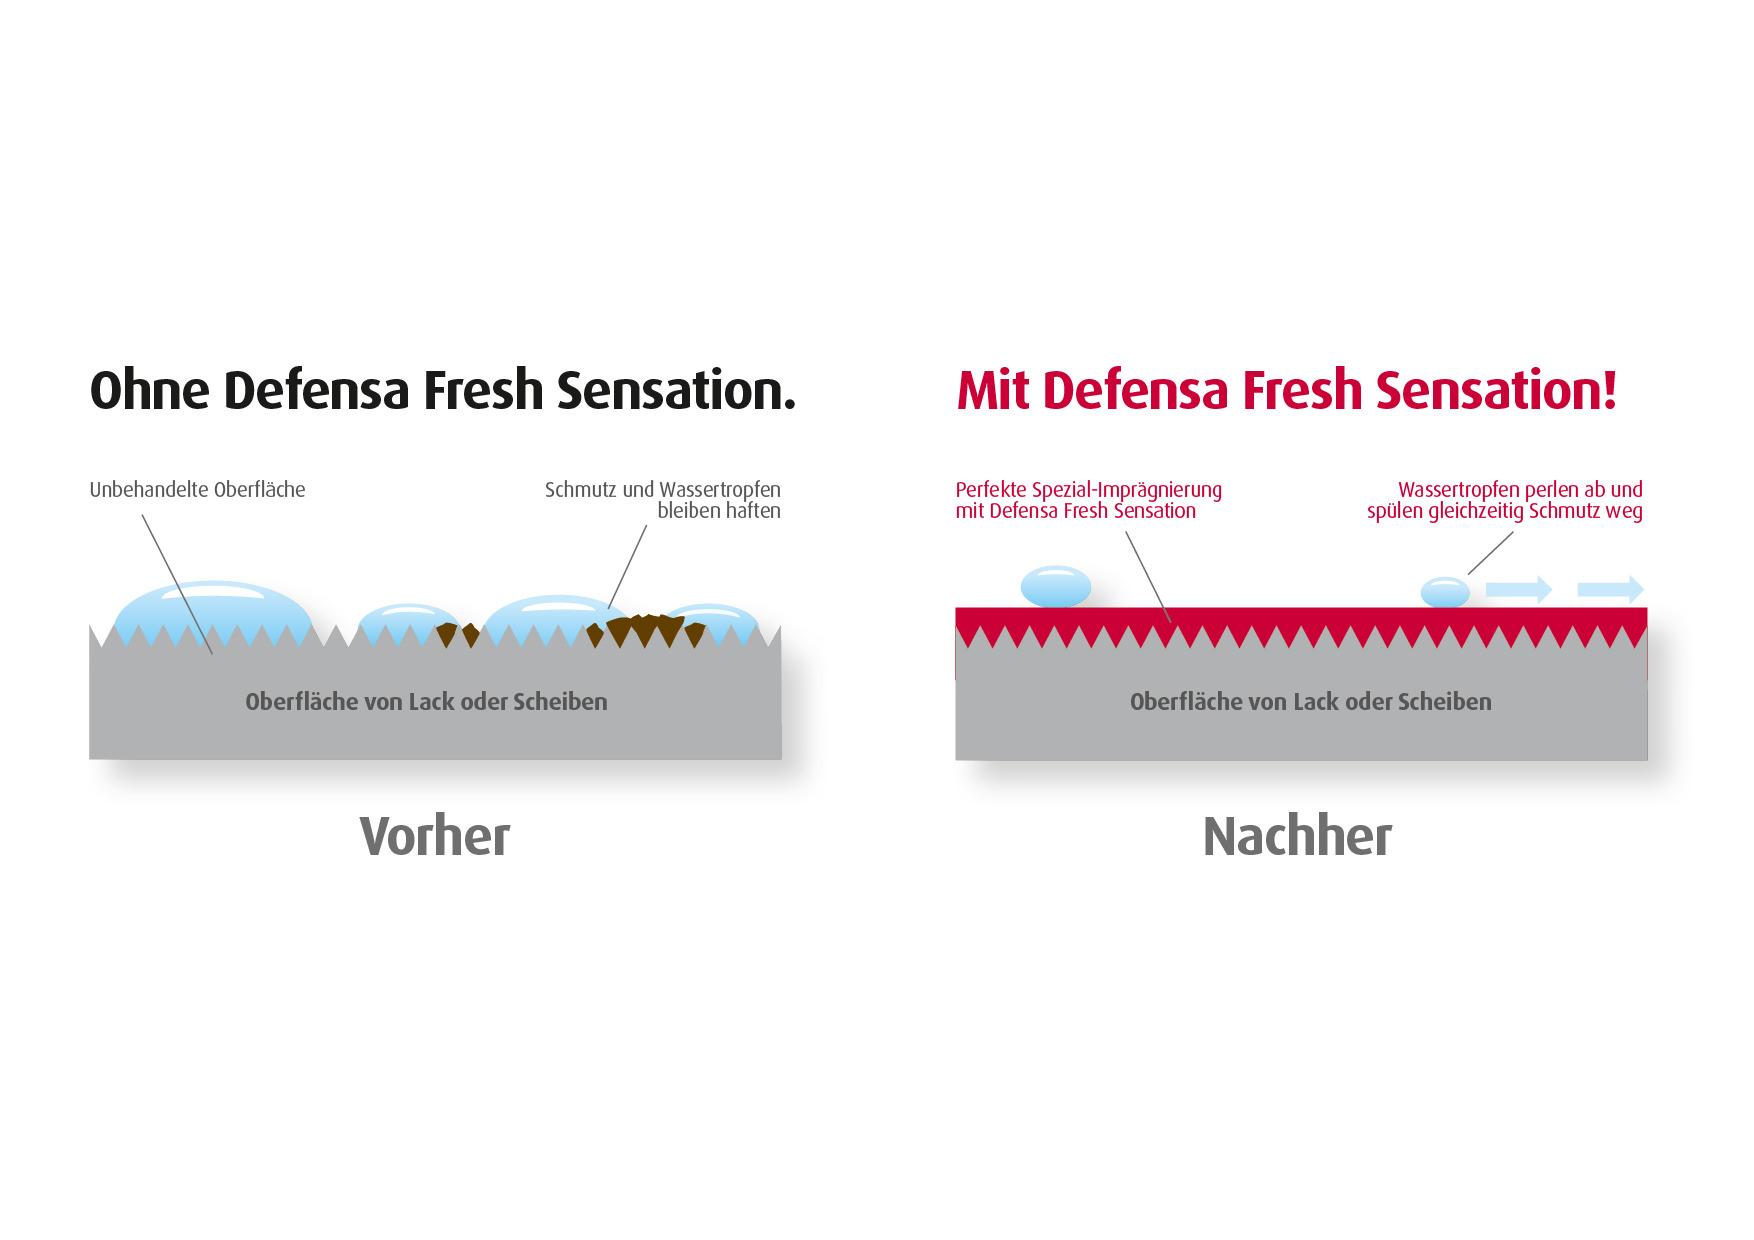 Ohne und mit Defensa Fresh Sensation